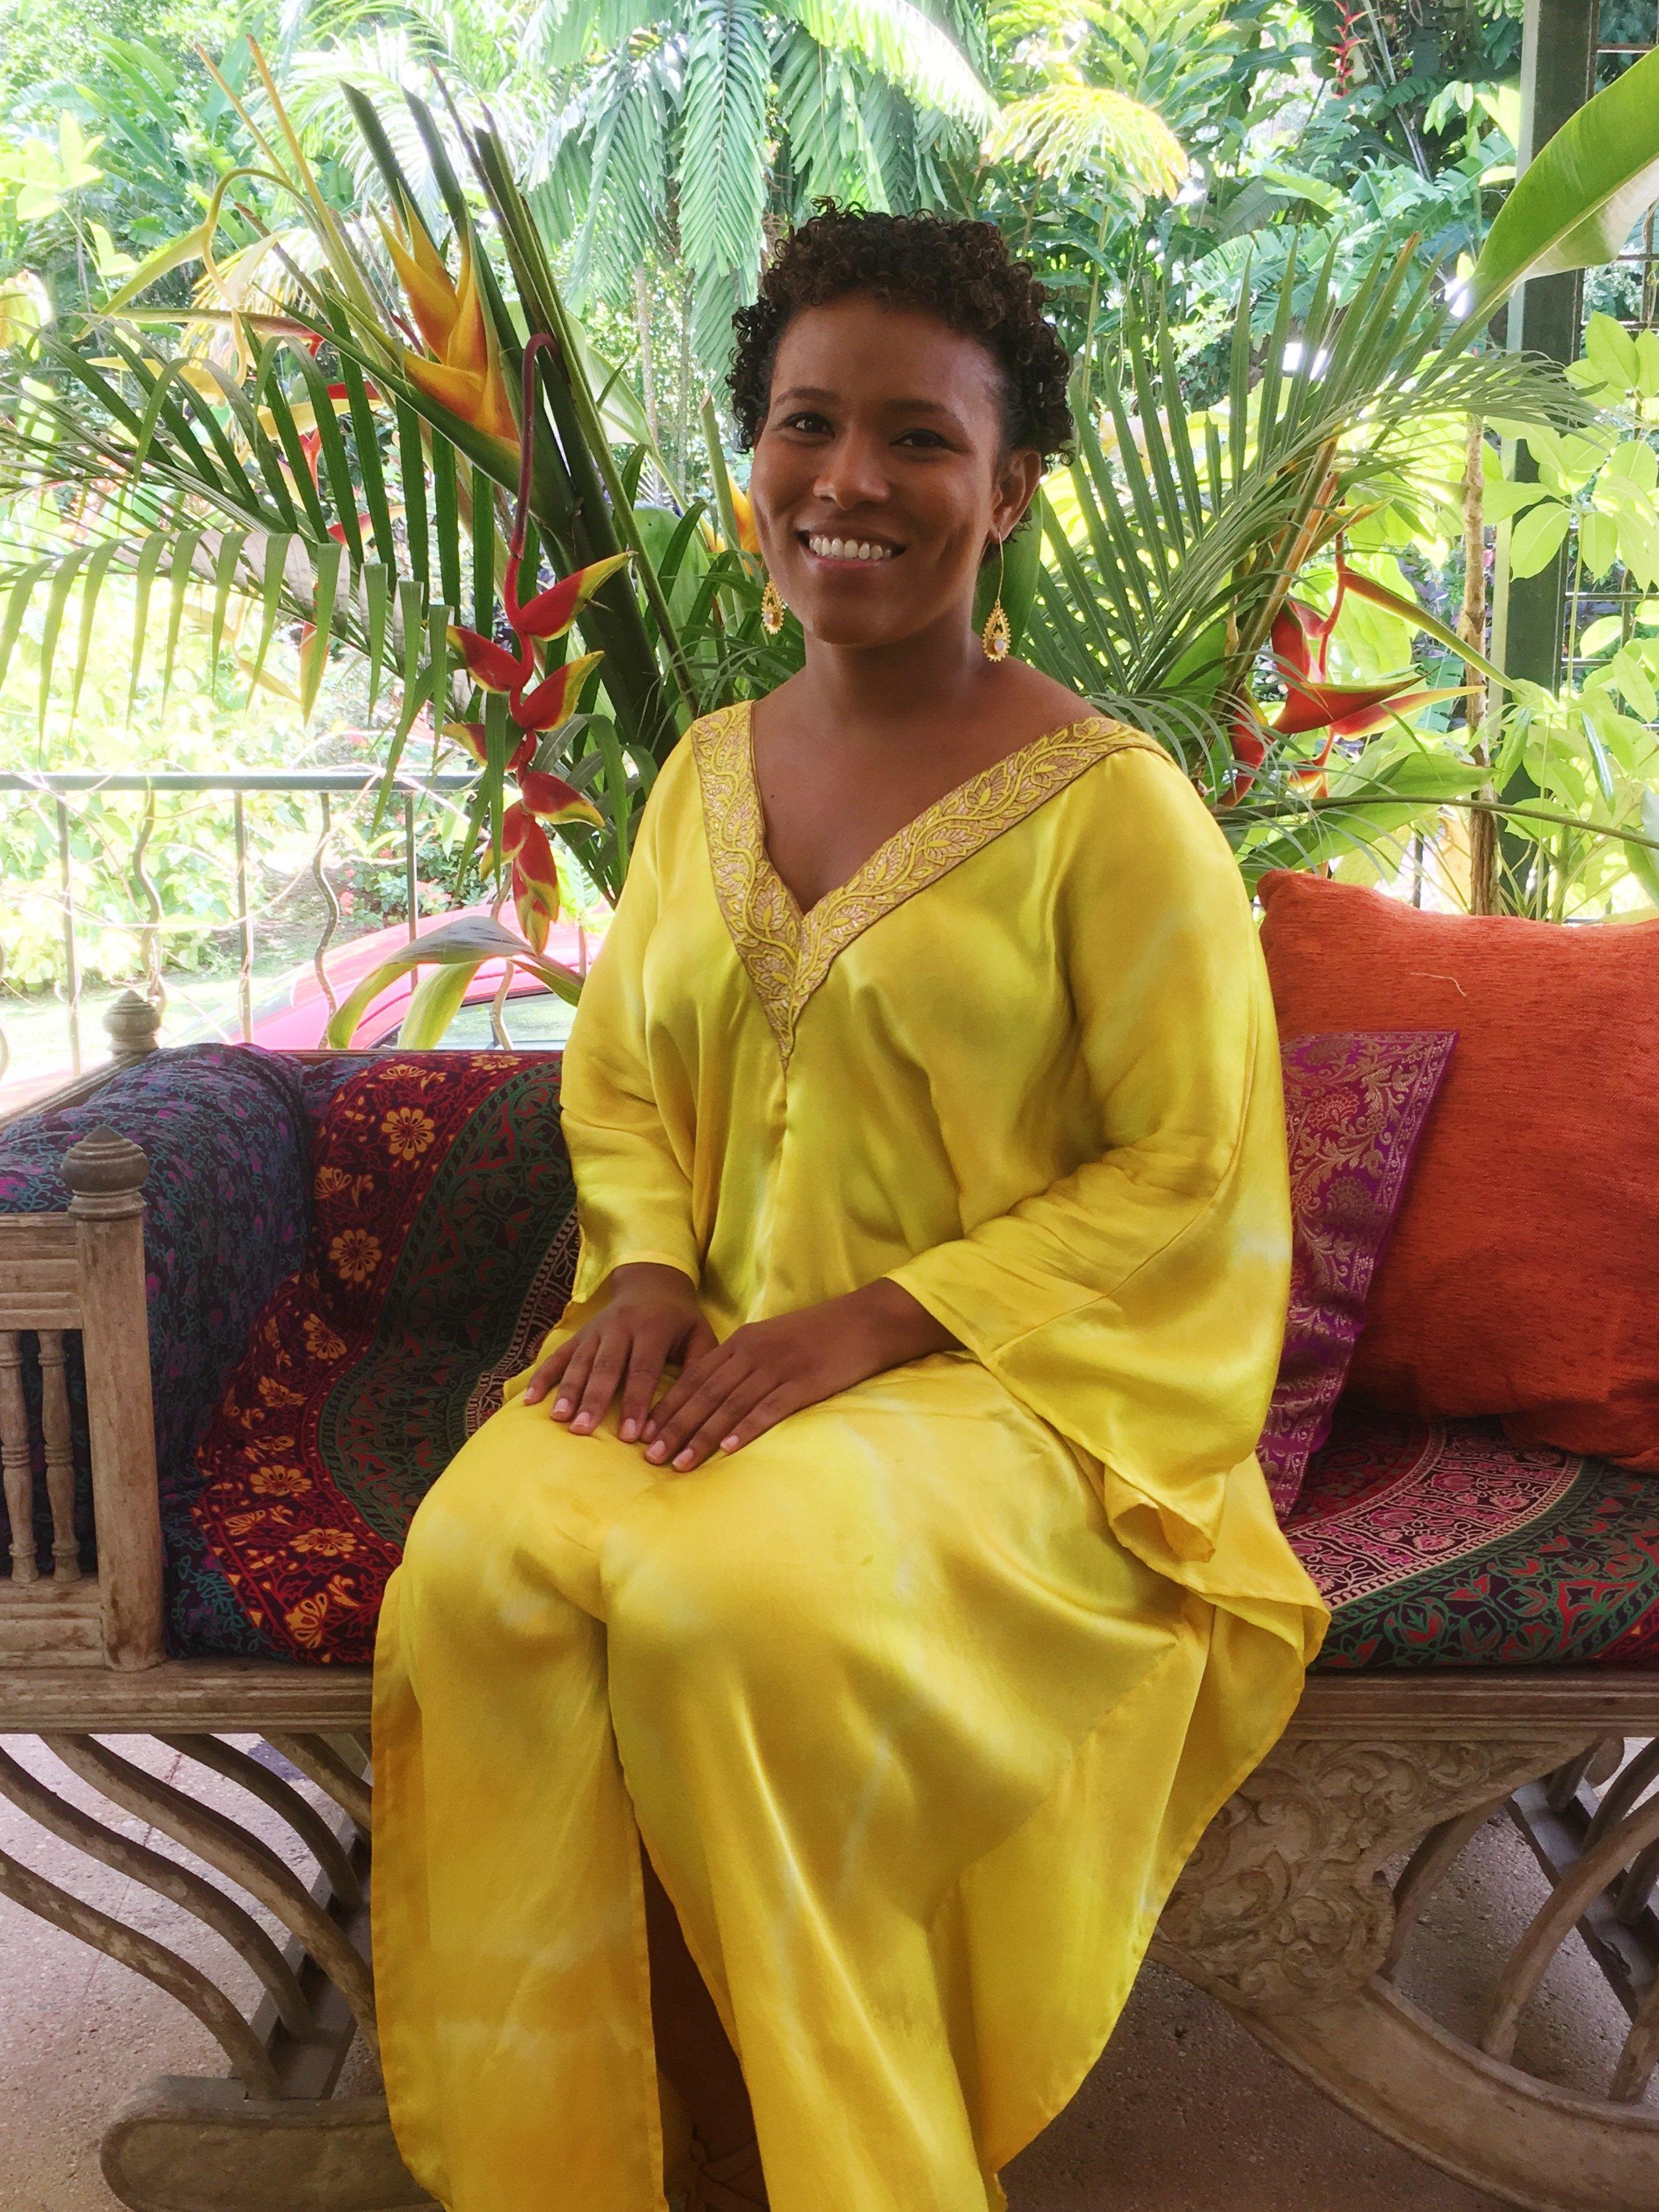 Anecia Wharwood, Managing Director of   XOXO by Anna